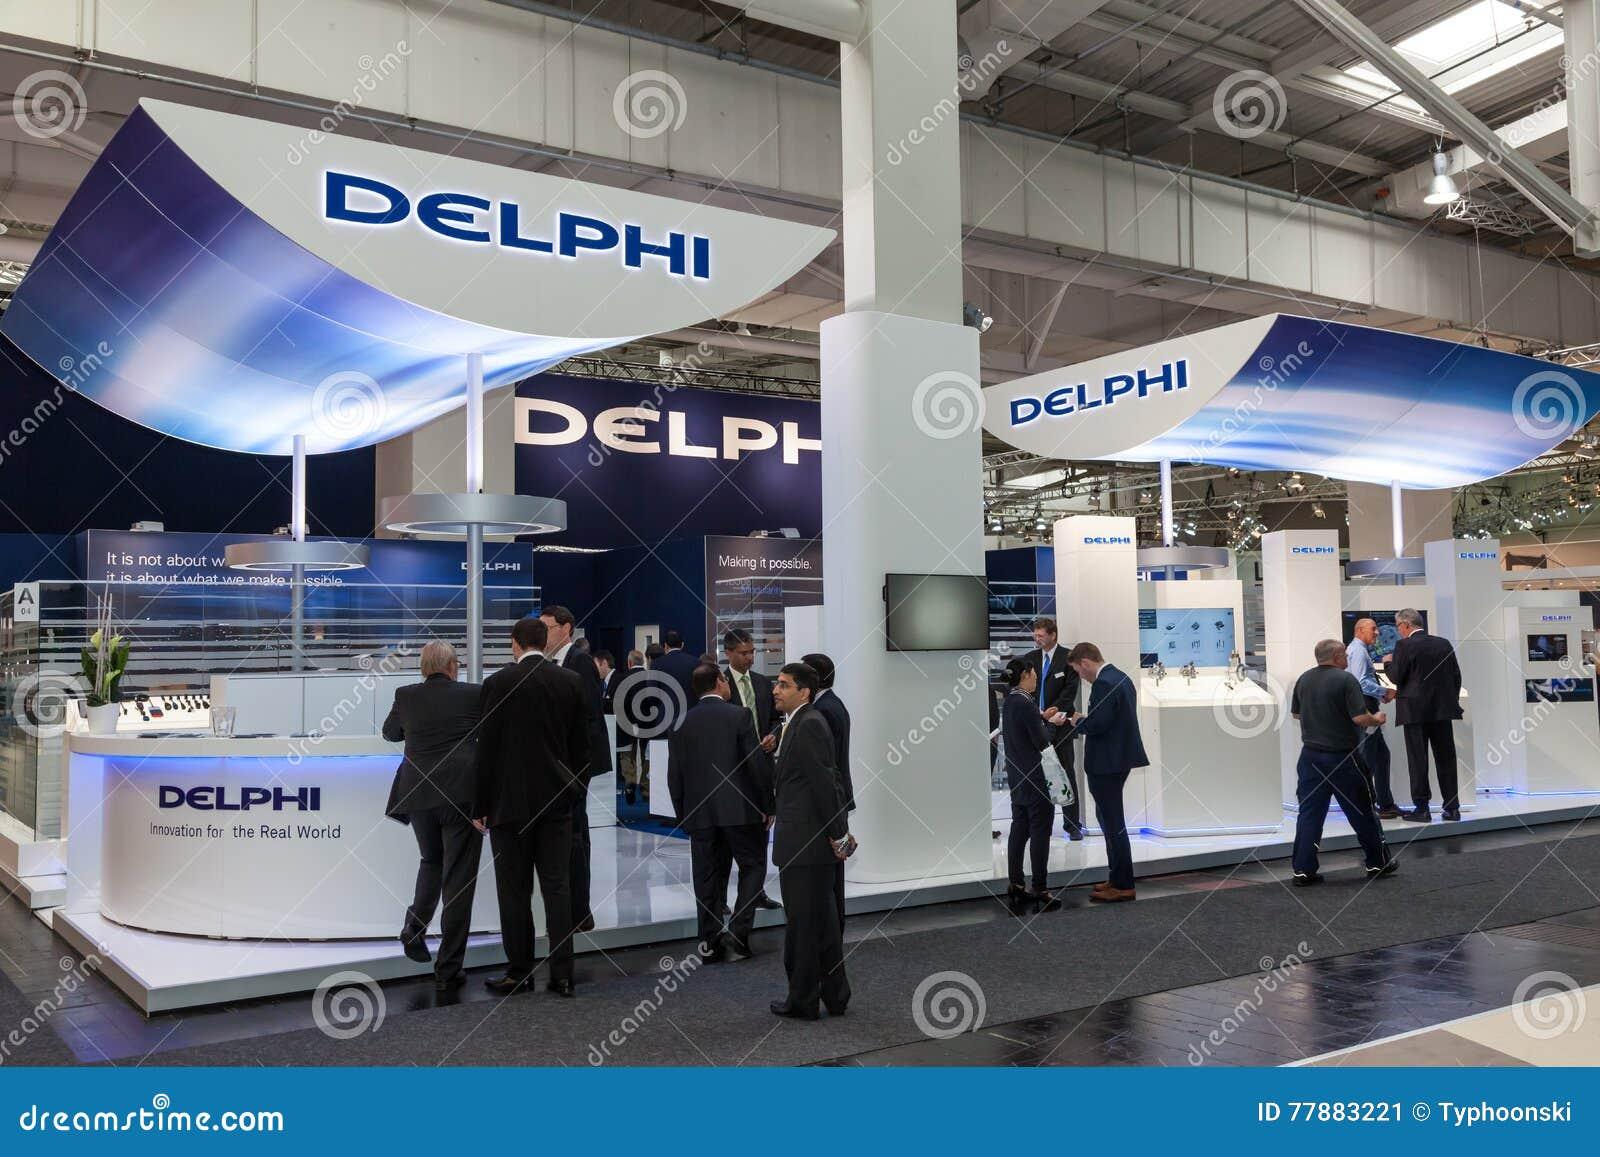 DELPHI Automotive Company At The IAA 2016 Editorial Photo